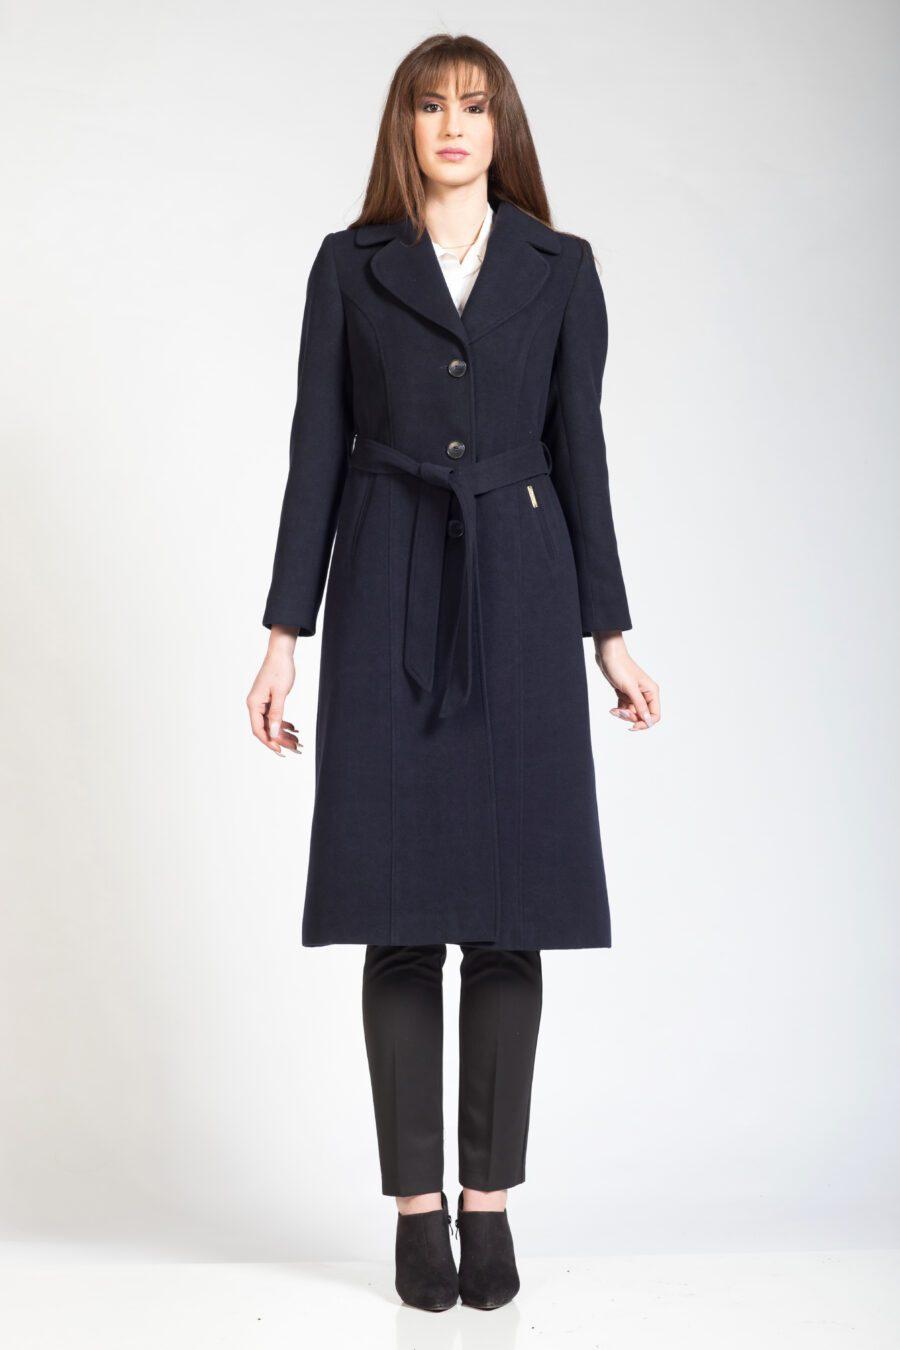 Γυναικείο μακρύ παλτό μπλε